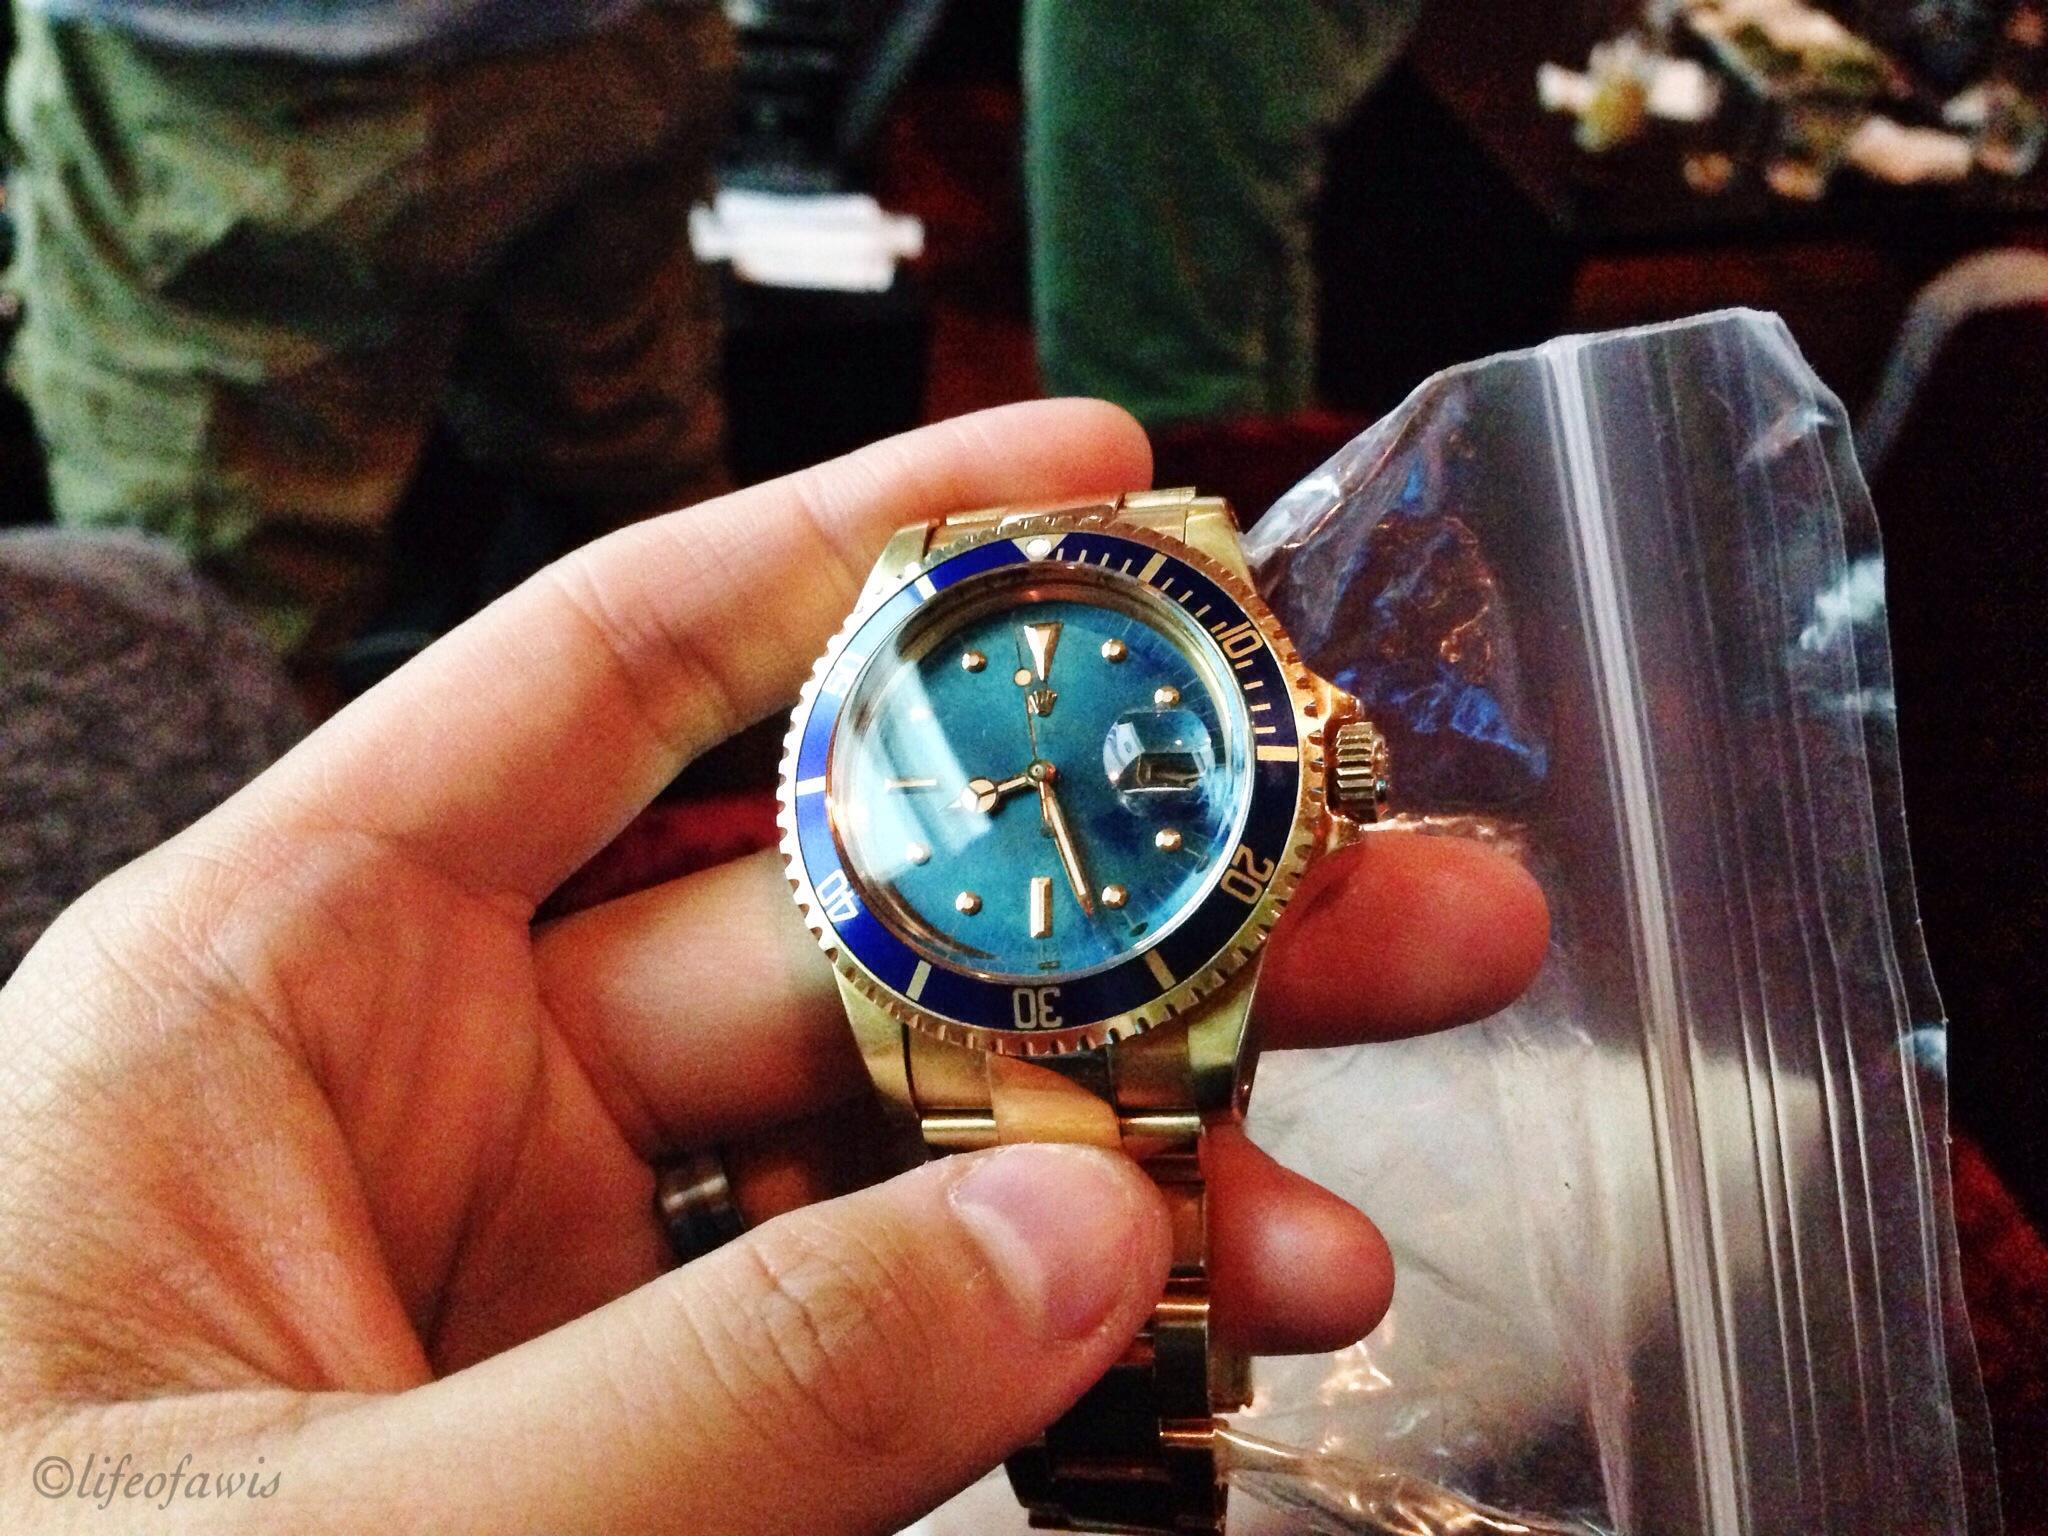 Vintage Rolex Submariner.